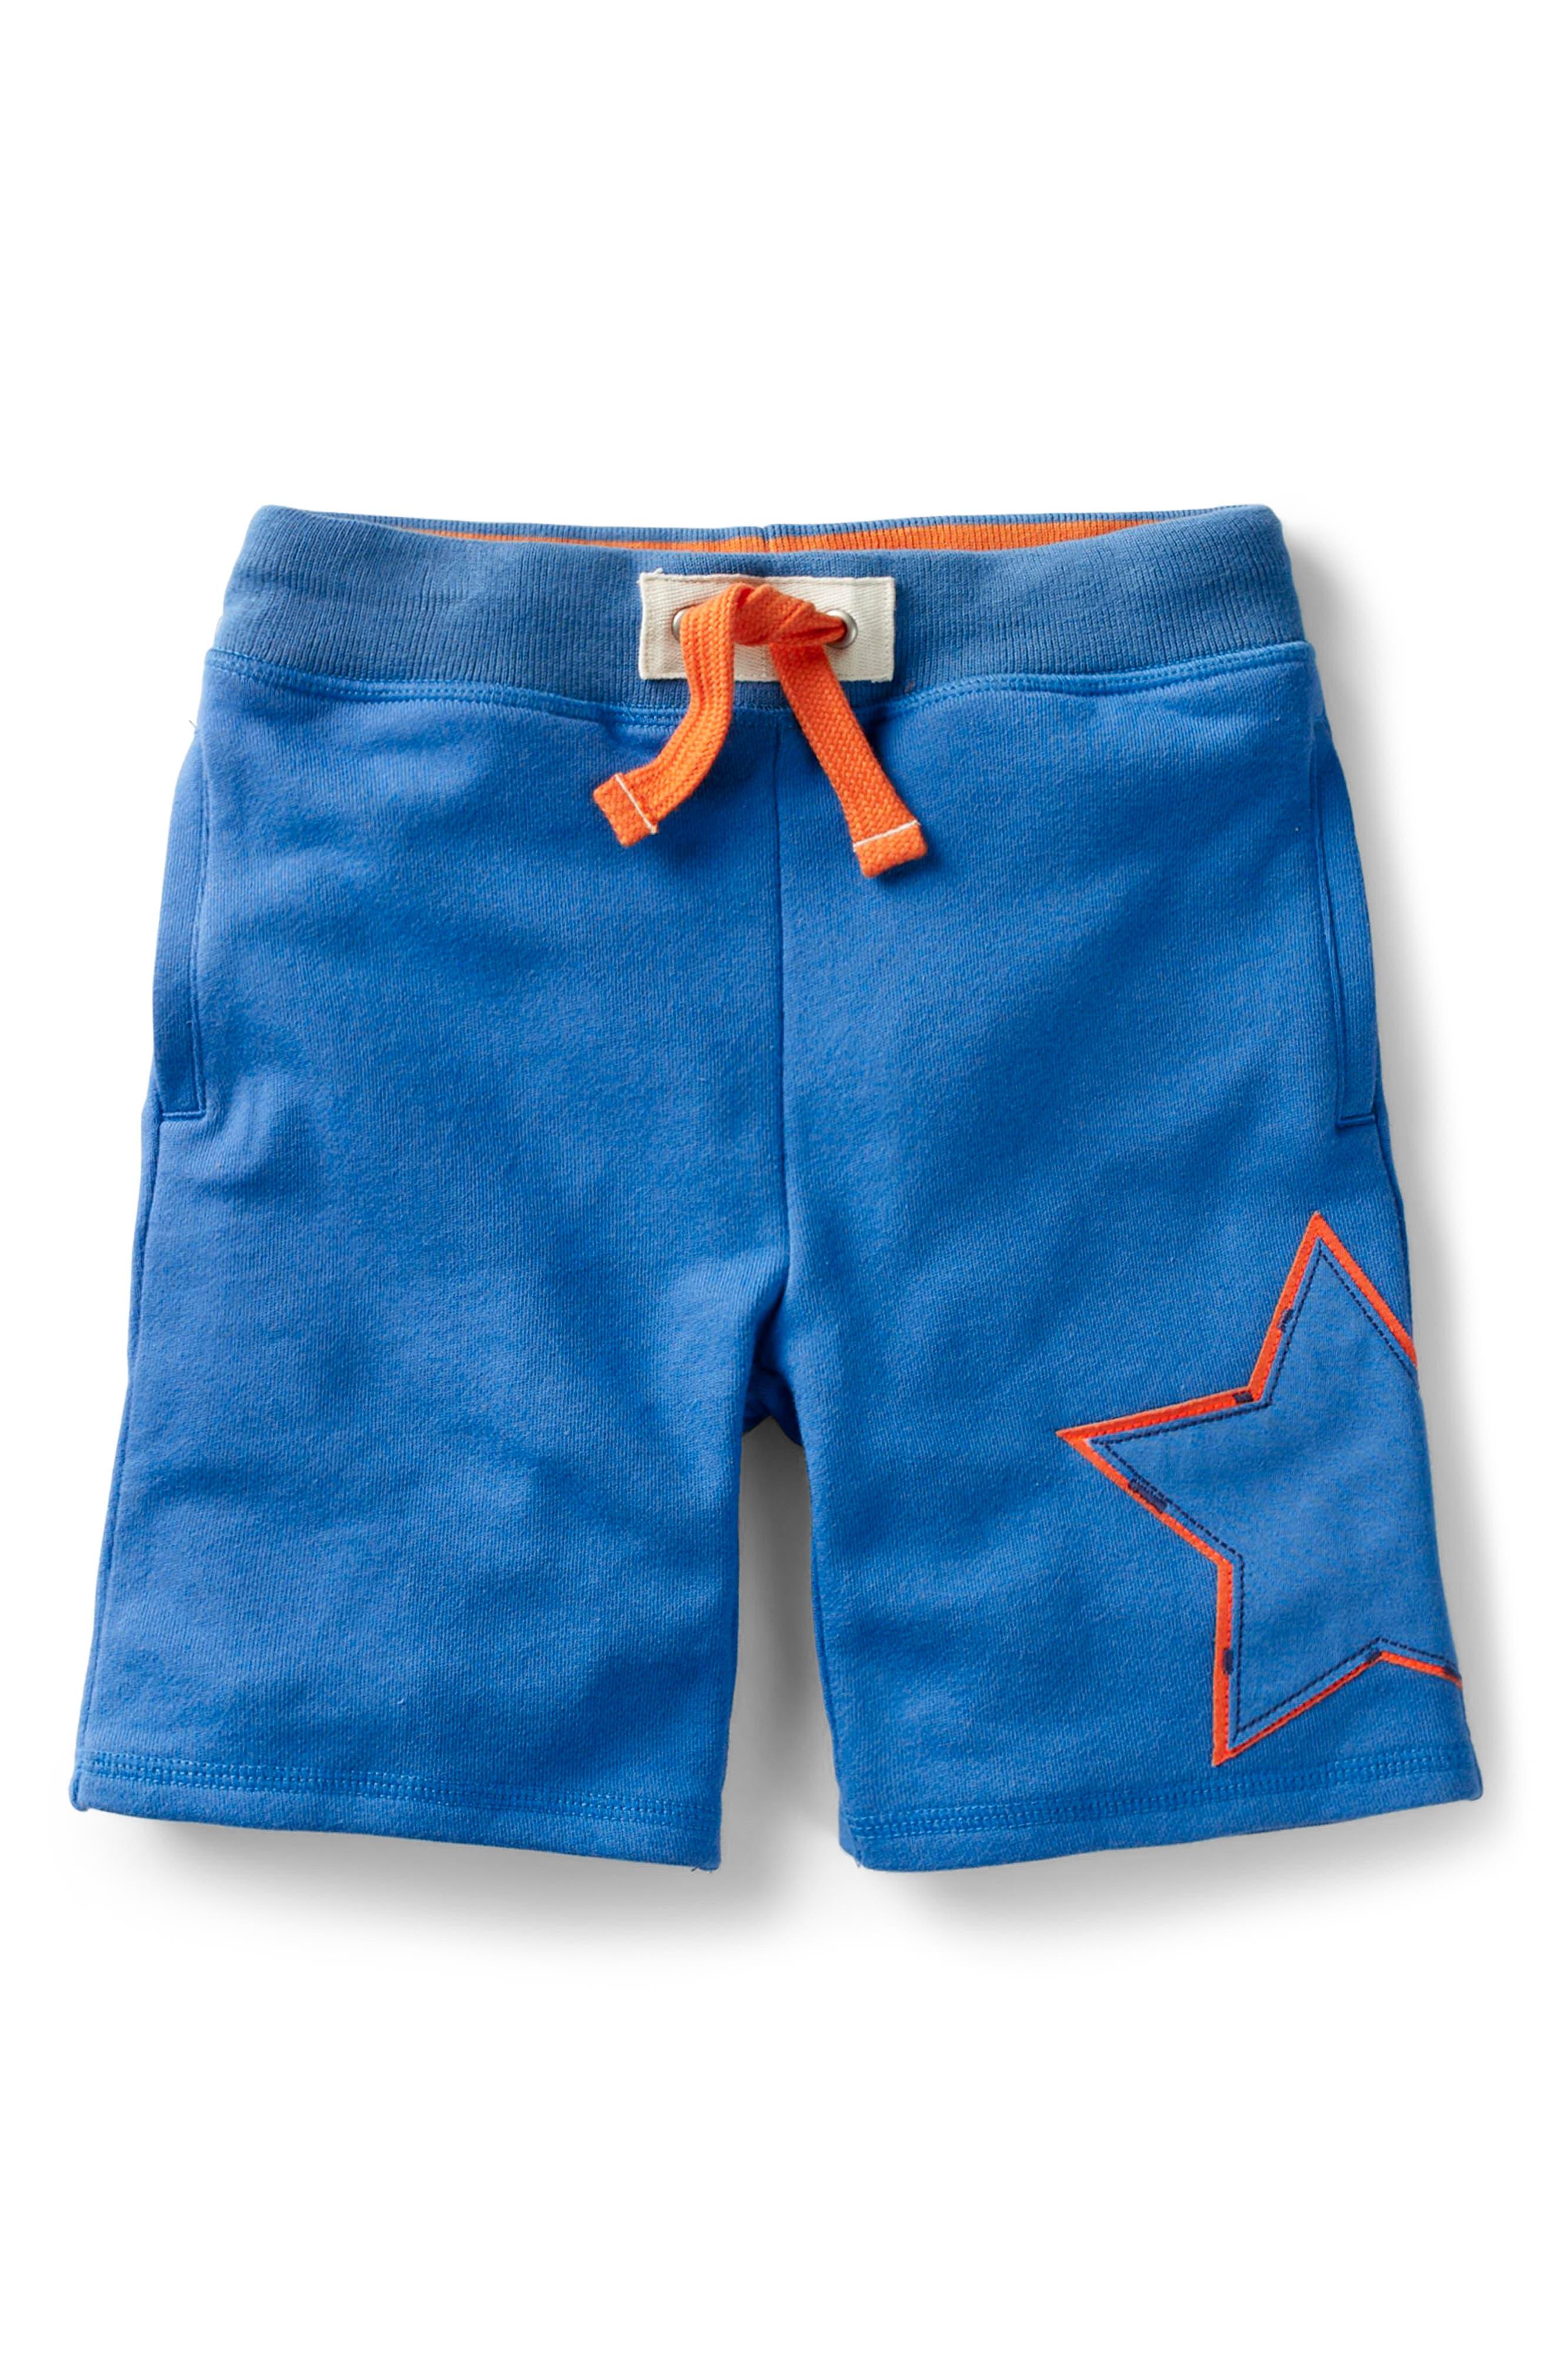 Appliqué Knit Shorts,                             Main thumbnail 1, color,                             424